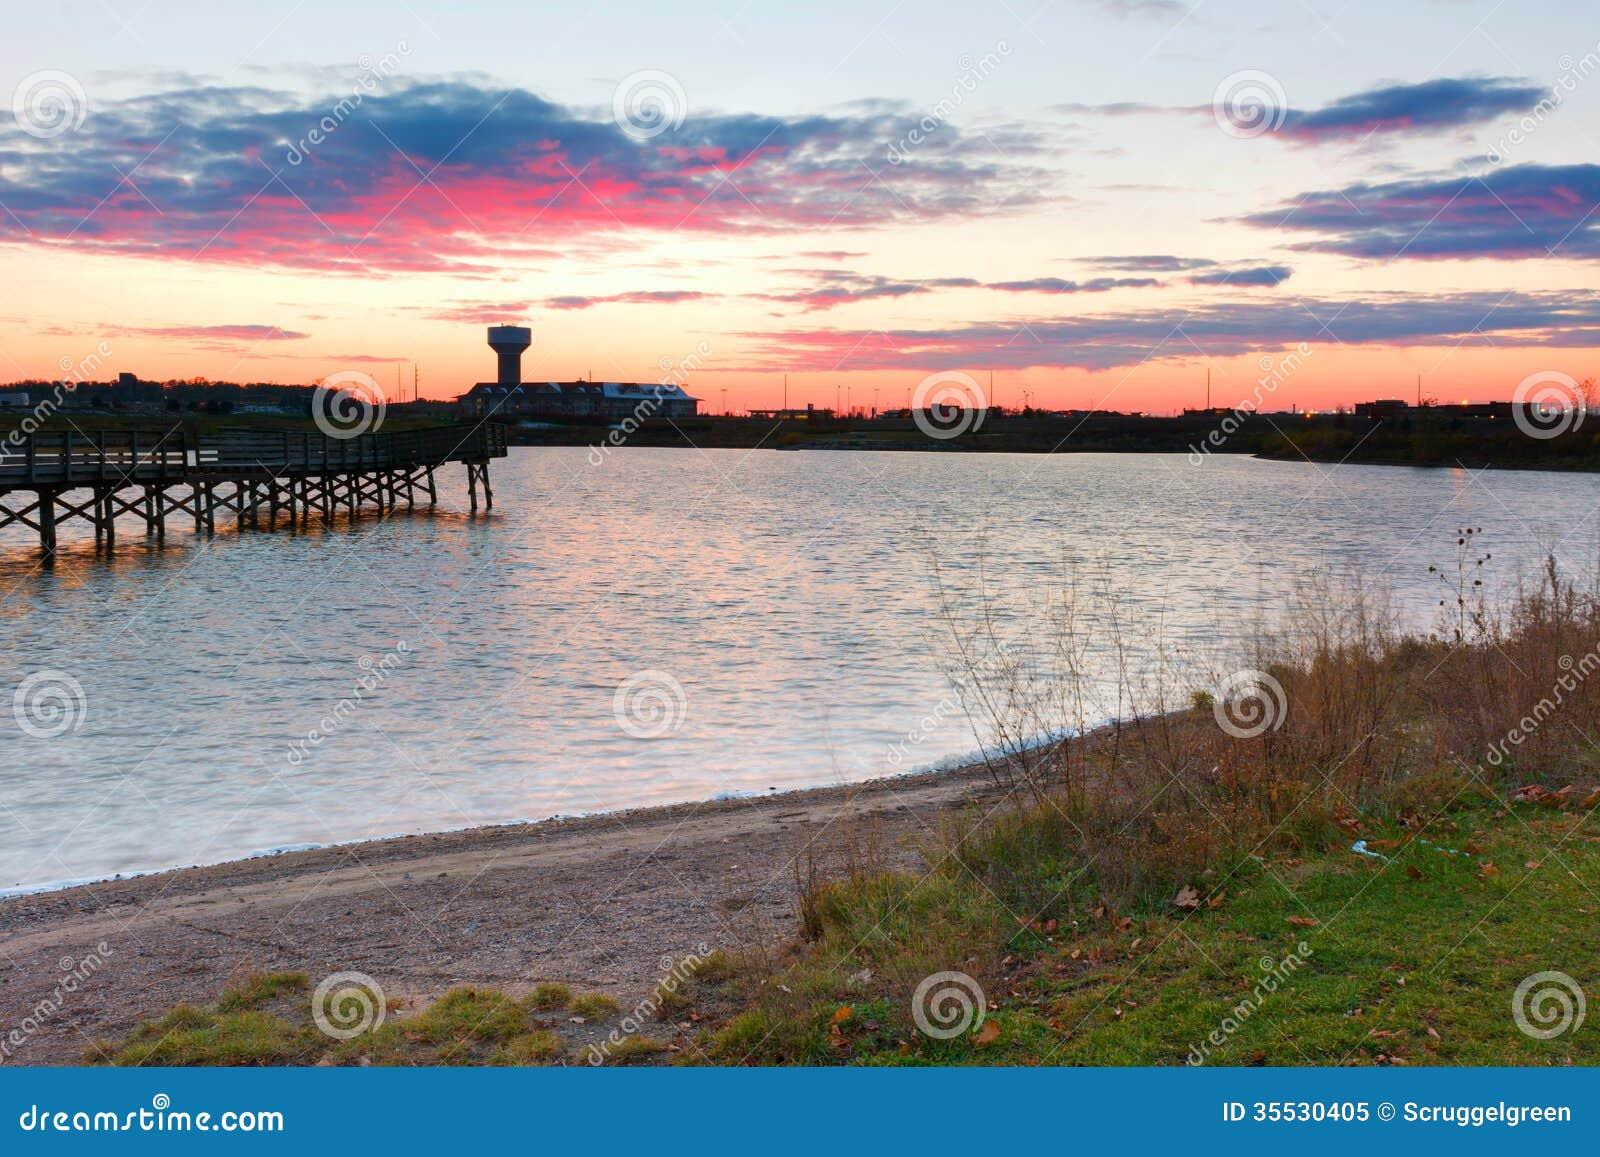 Озеро булыжник